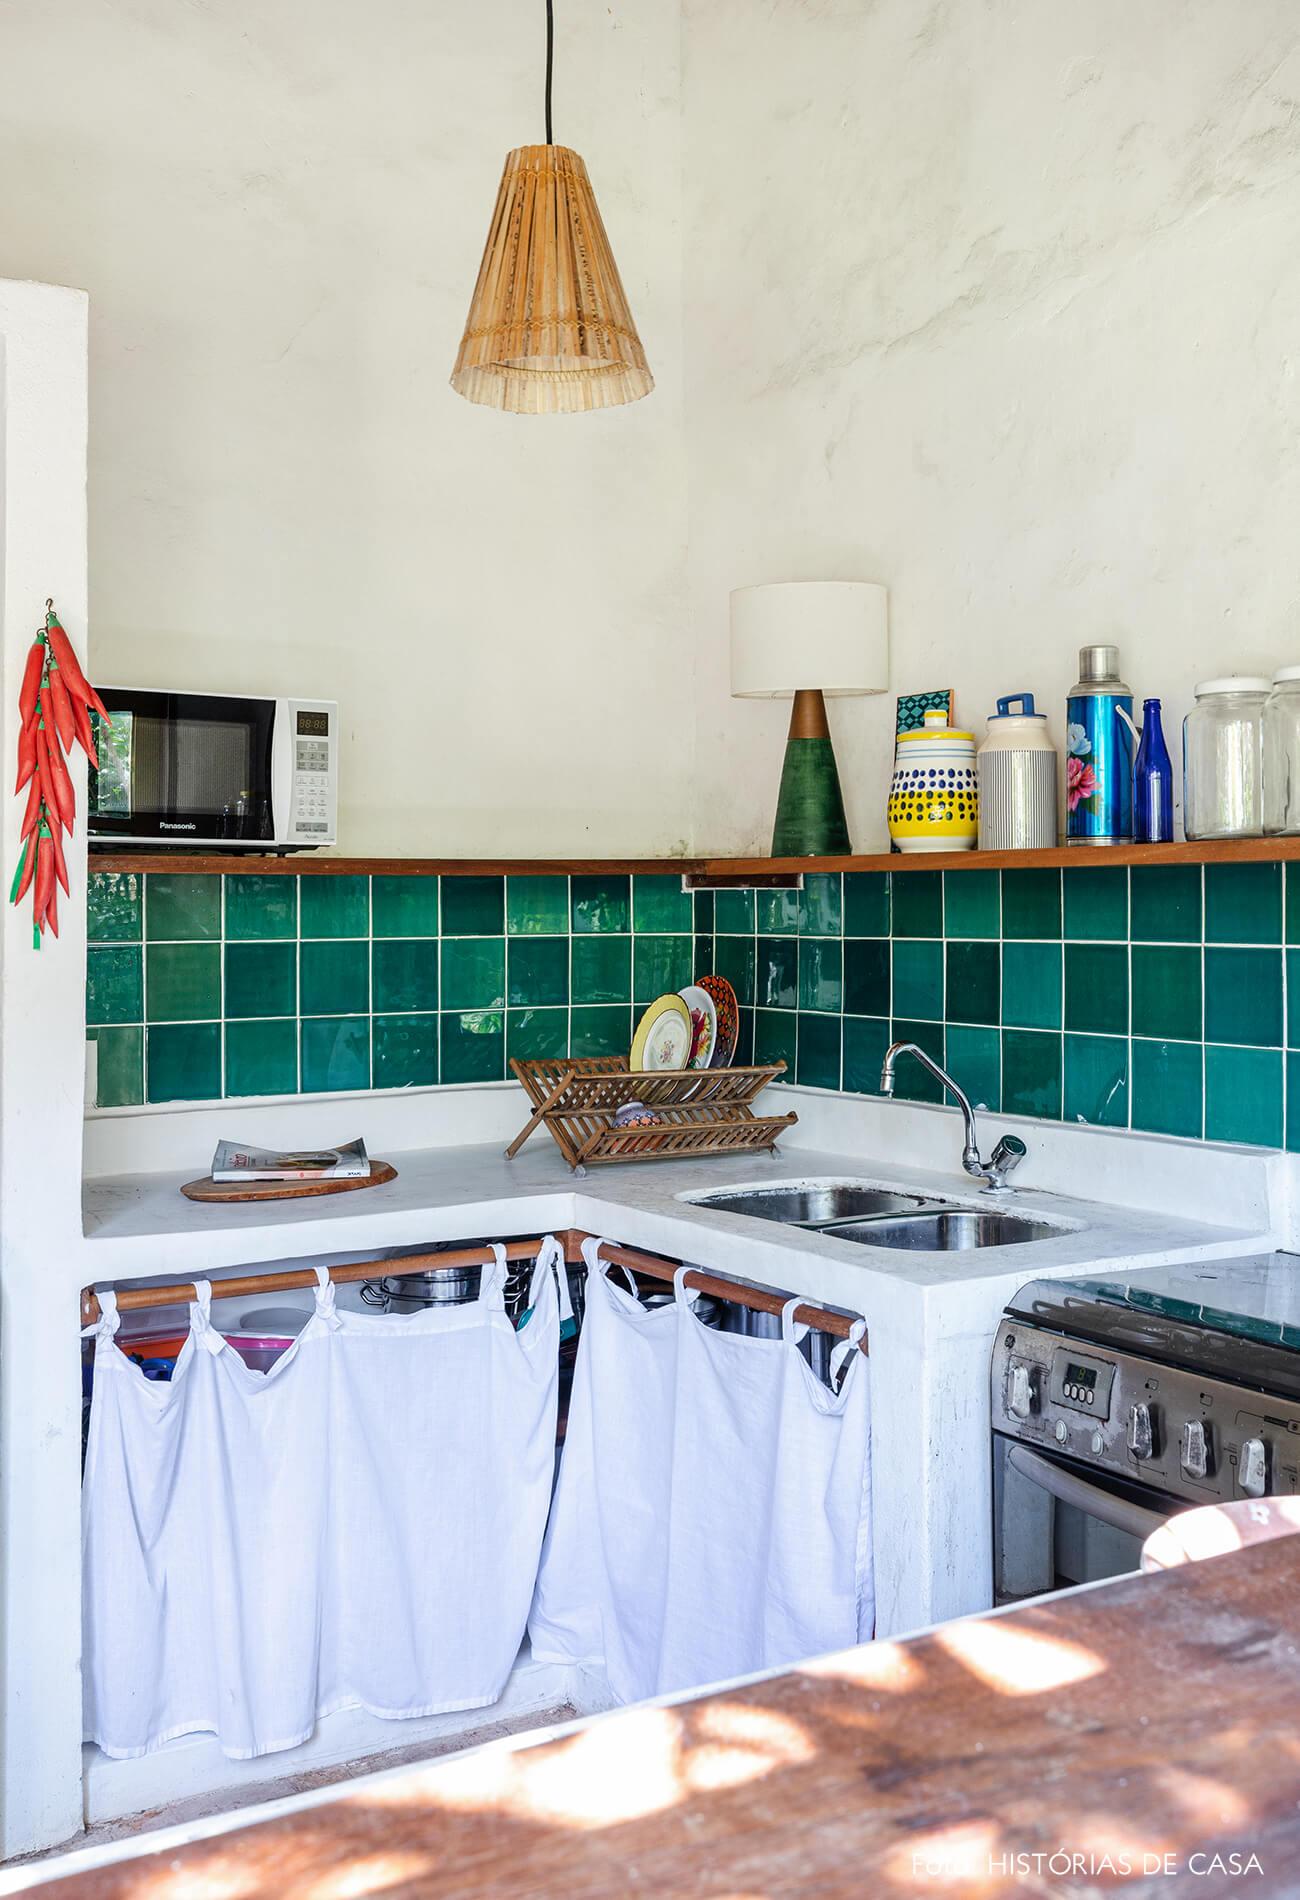 flavia-decoração-trancoso-cozinha-com-azulejos-verdes